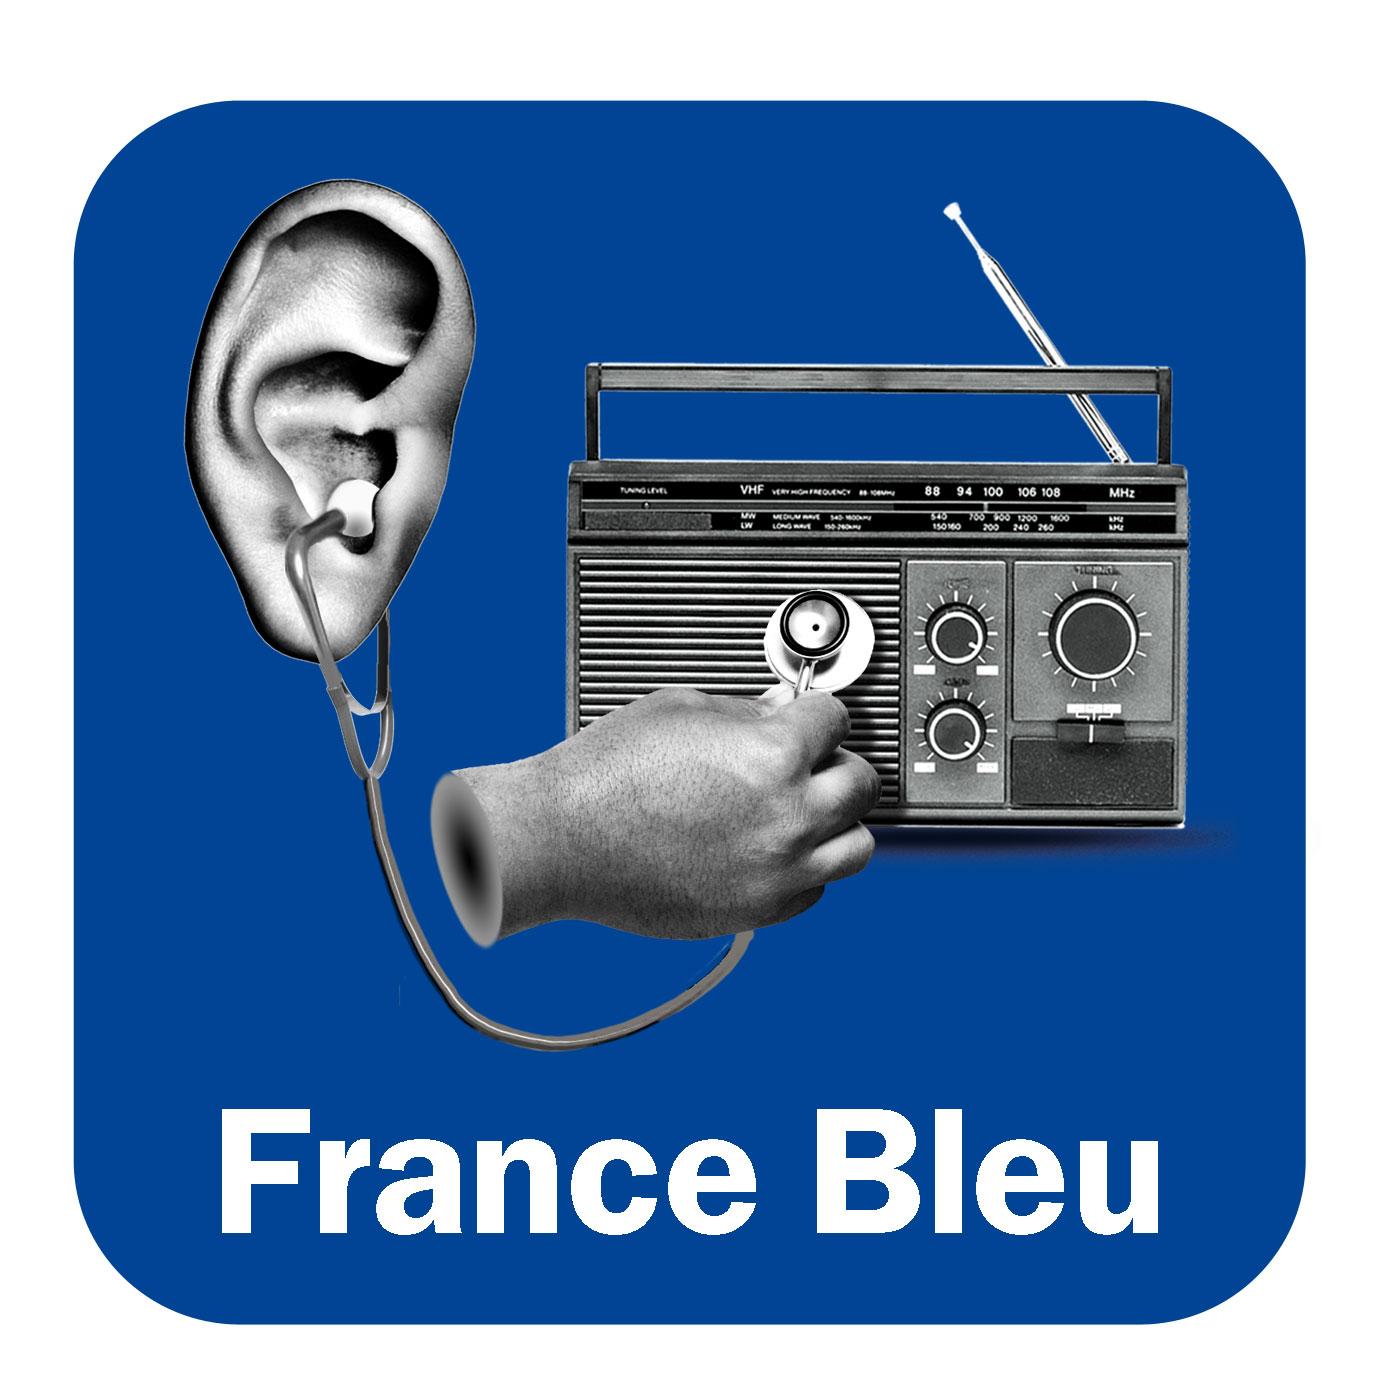 Paris Psy France Bleu Paris